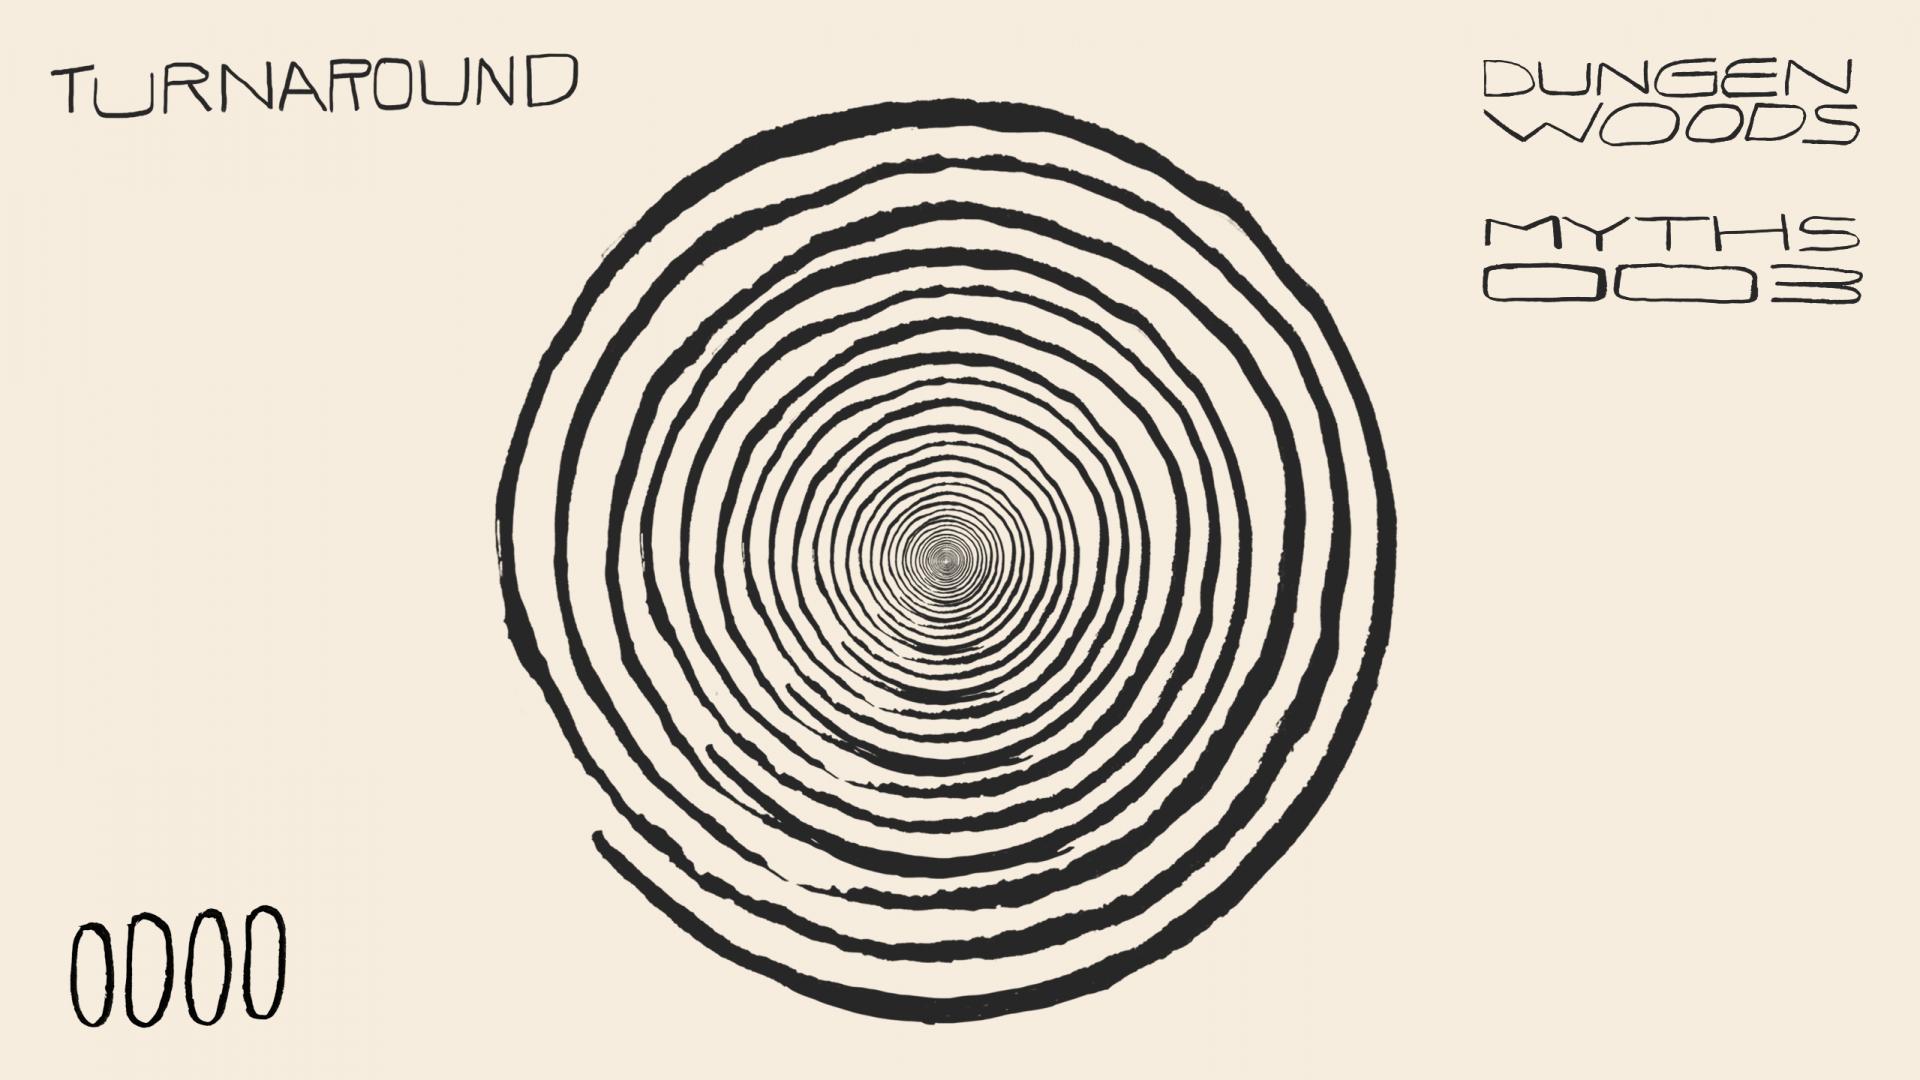 Dungen and Woods - Turn Around